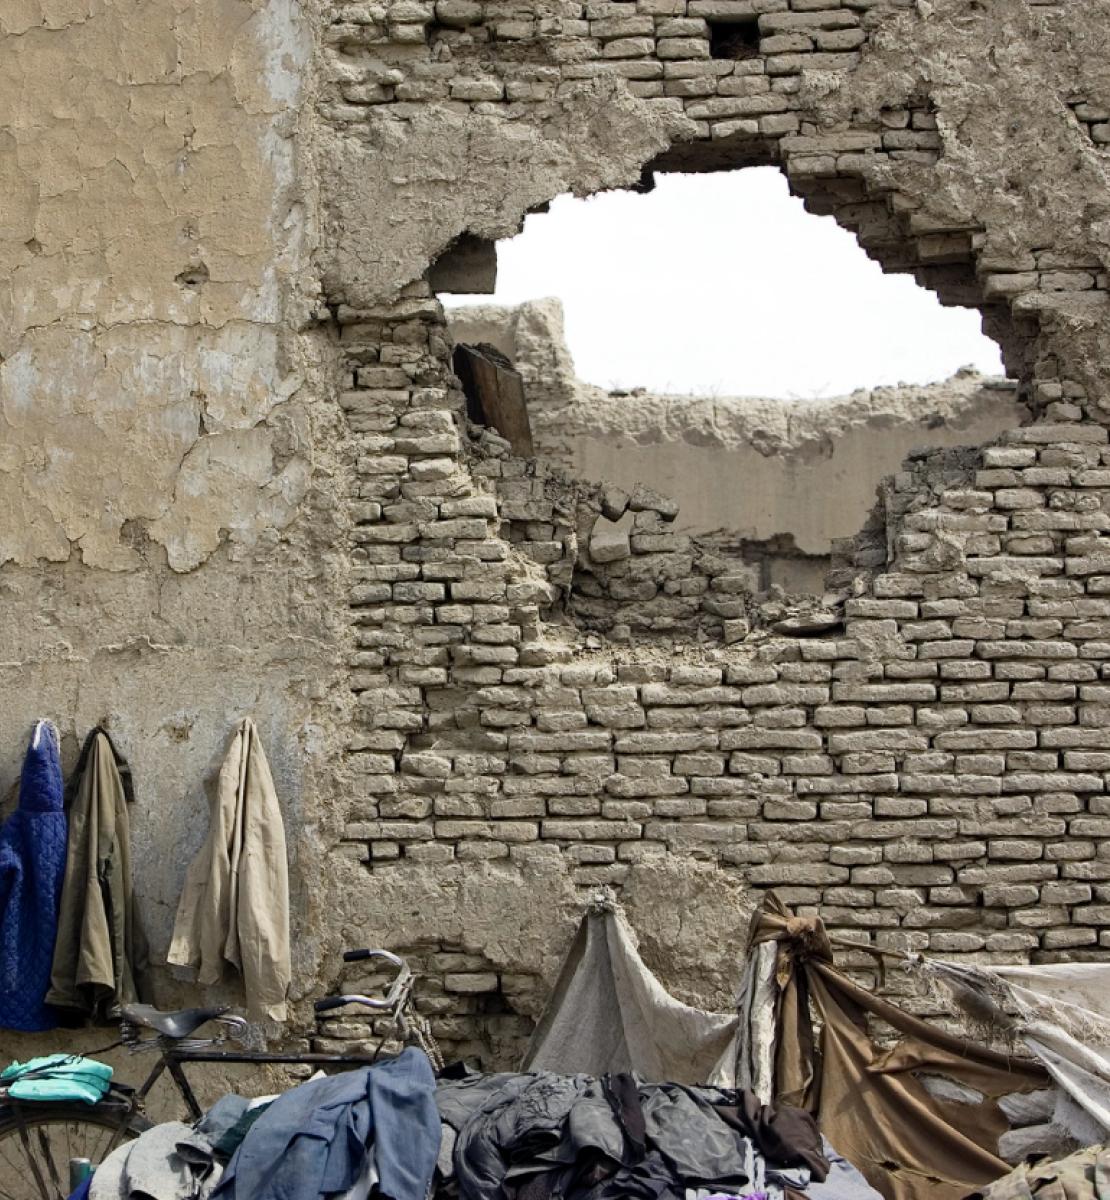 Plusieurs vestes sont suspendues sur le mur extérieur d'une façade en pierre dont une partie a été éventrée, laissant apparaître un trou béant.